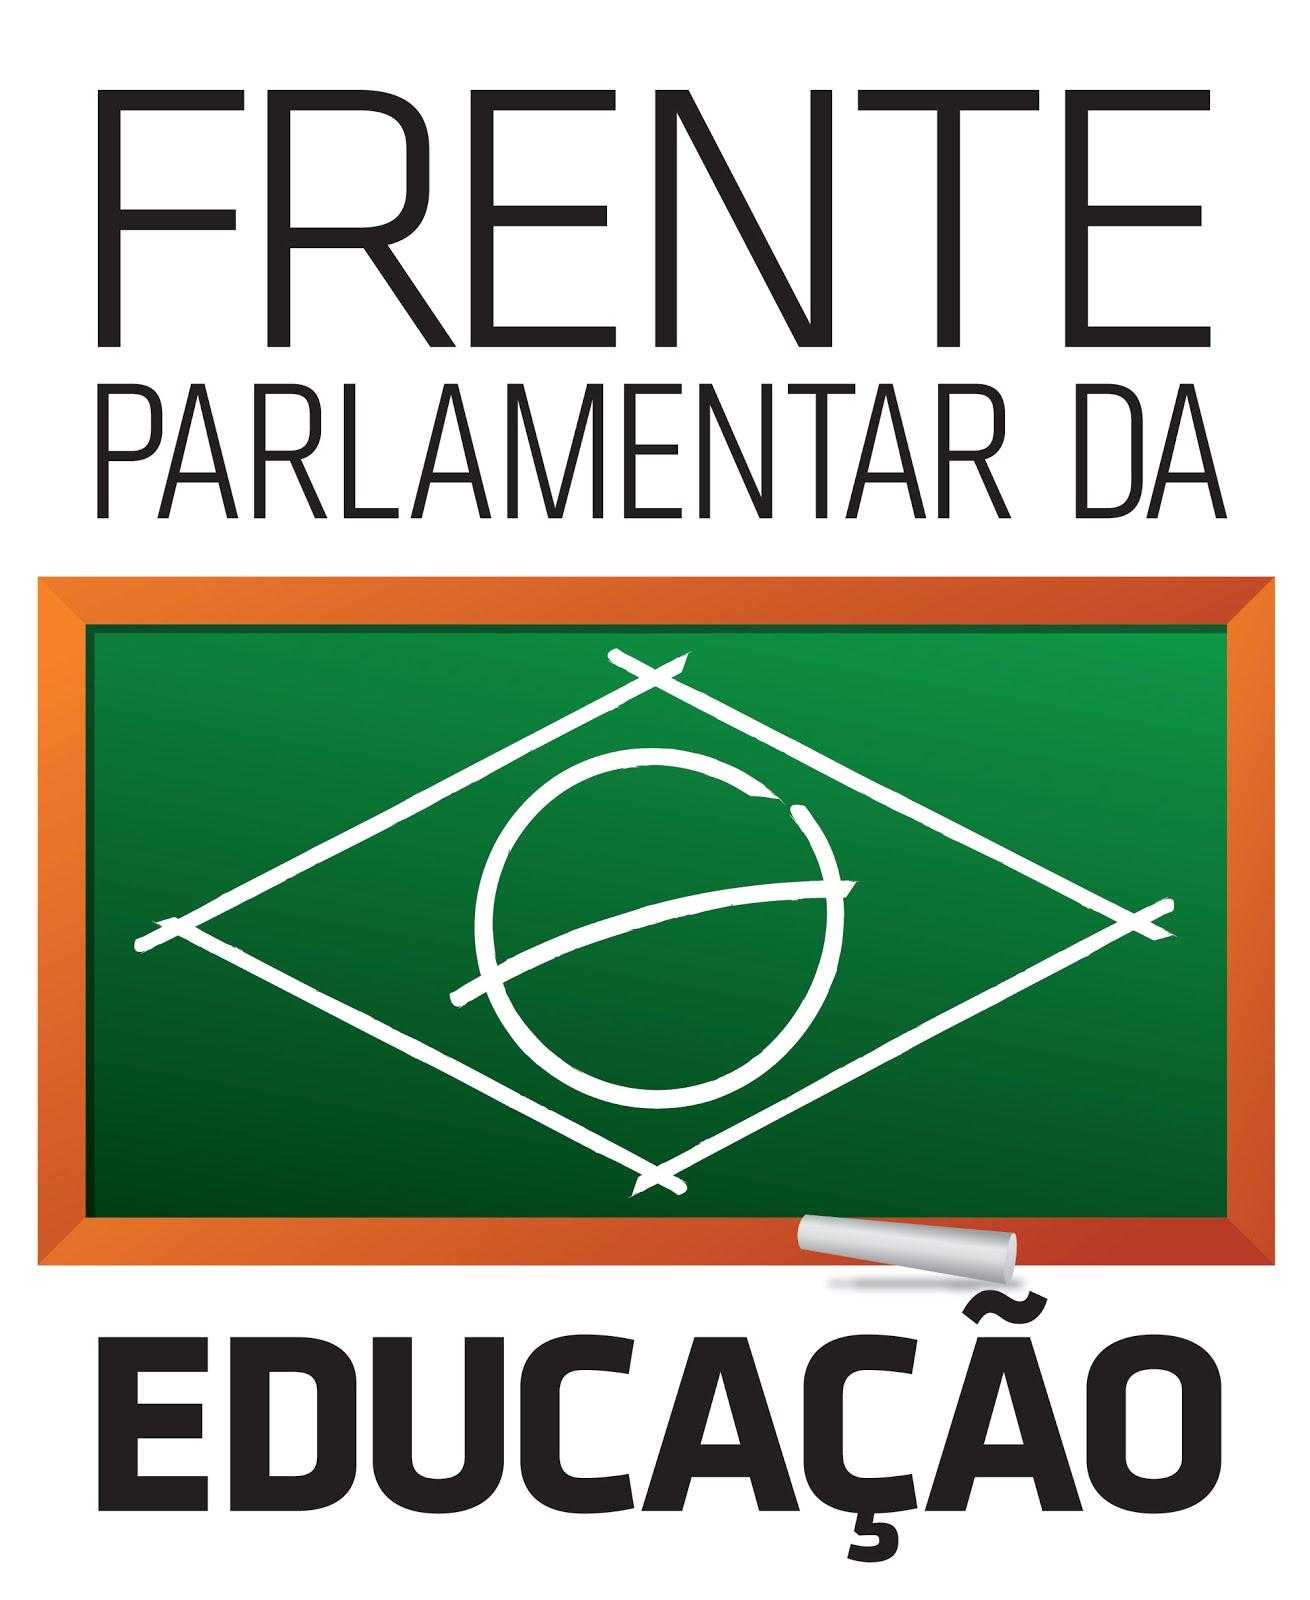 Frente Parlamentar da Educação